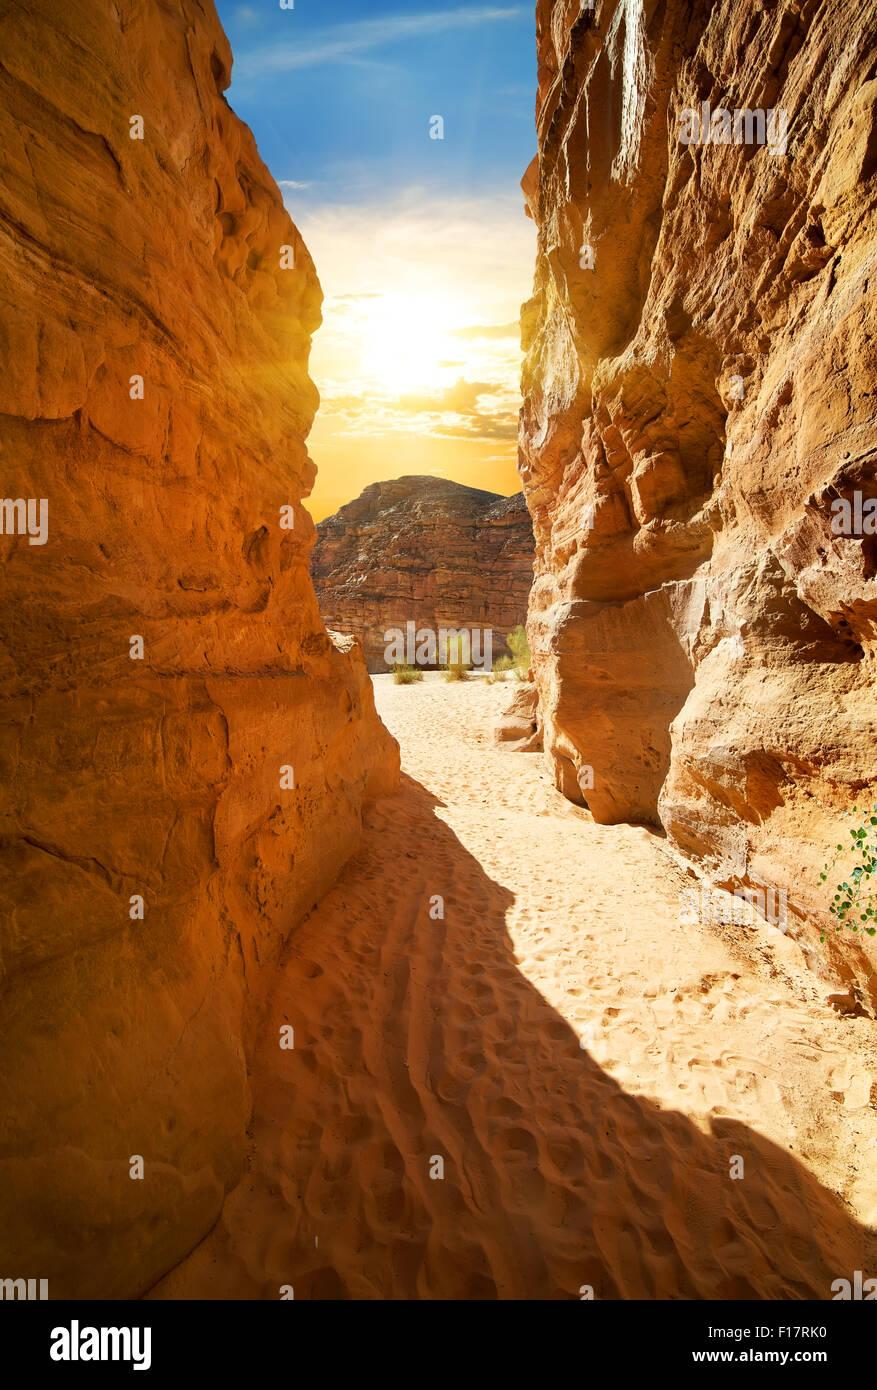 Canyon rocheux dans le désert à la journée ensoleillée Photo Stock